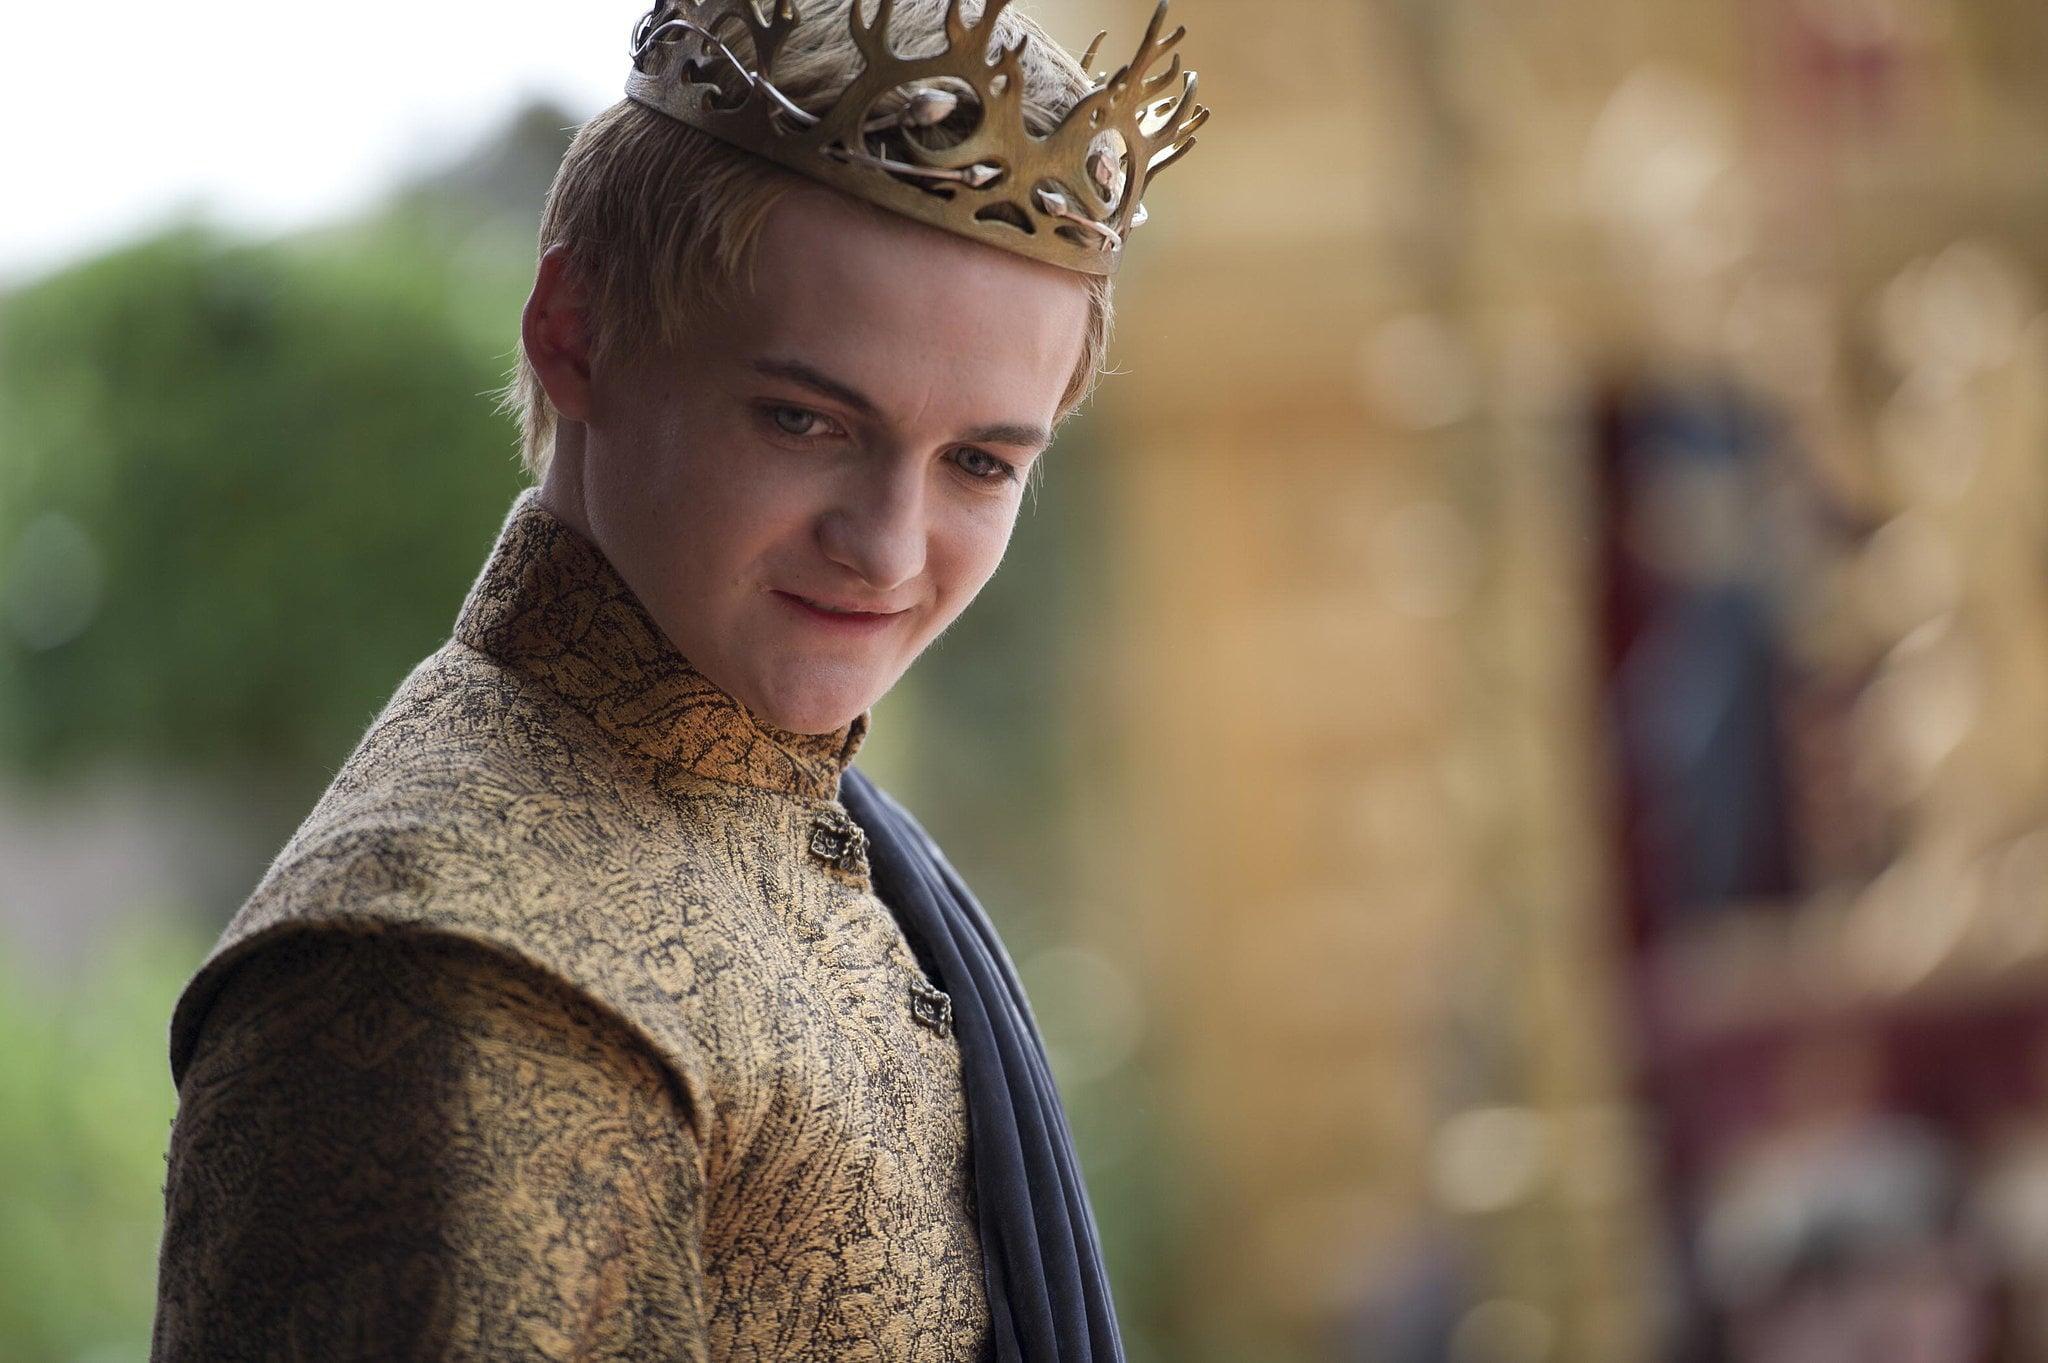 Joffrey Baratheon